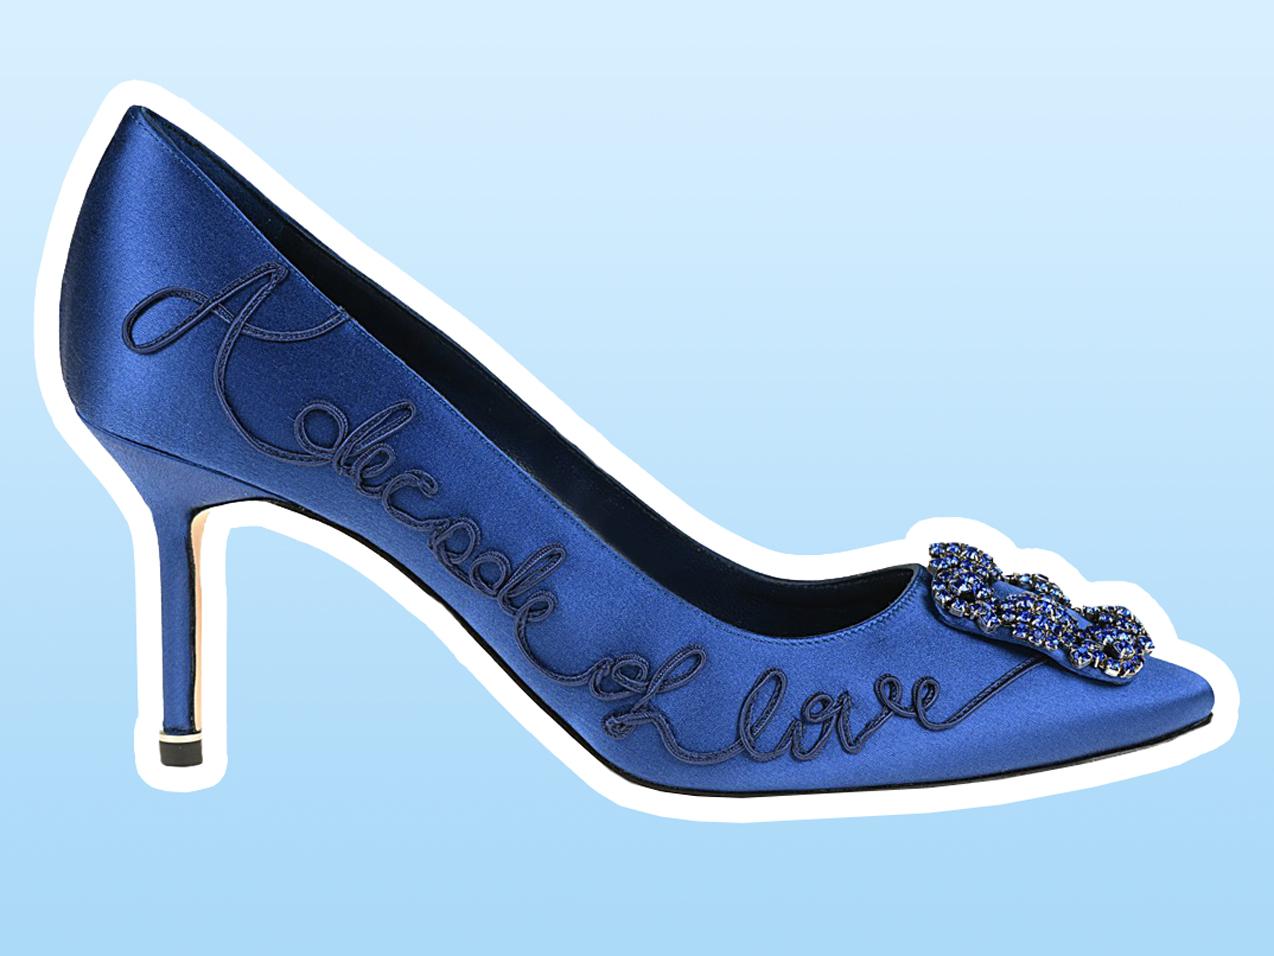 """60b8cf6aff0 Manolo Blahnik Redid Its Iconic """"Something Blue"""" Shoe for Its 10th ..."""